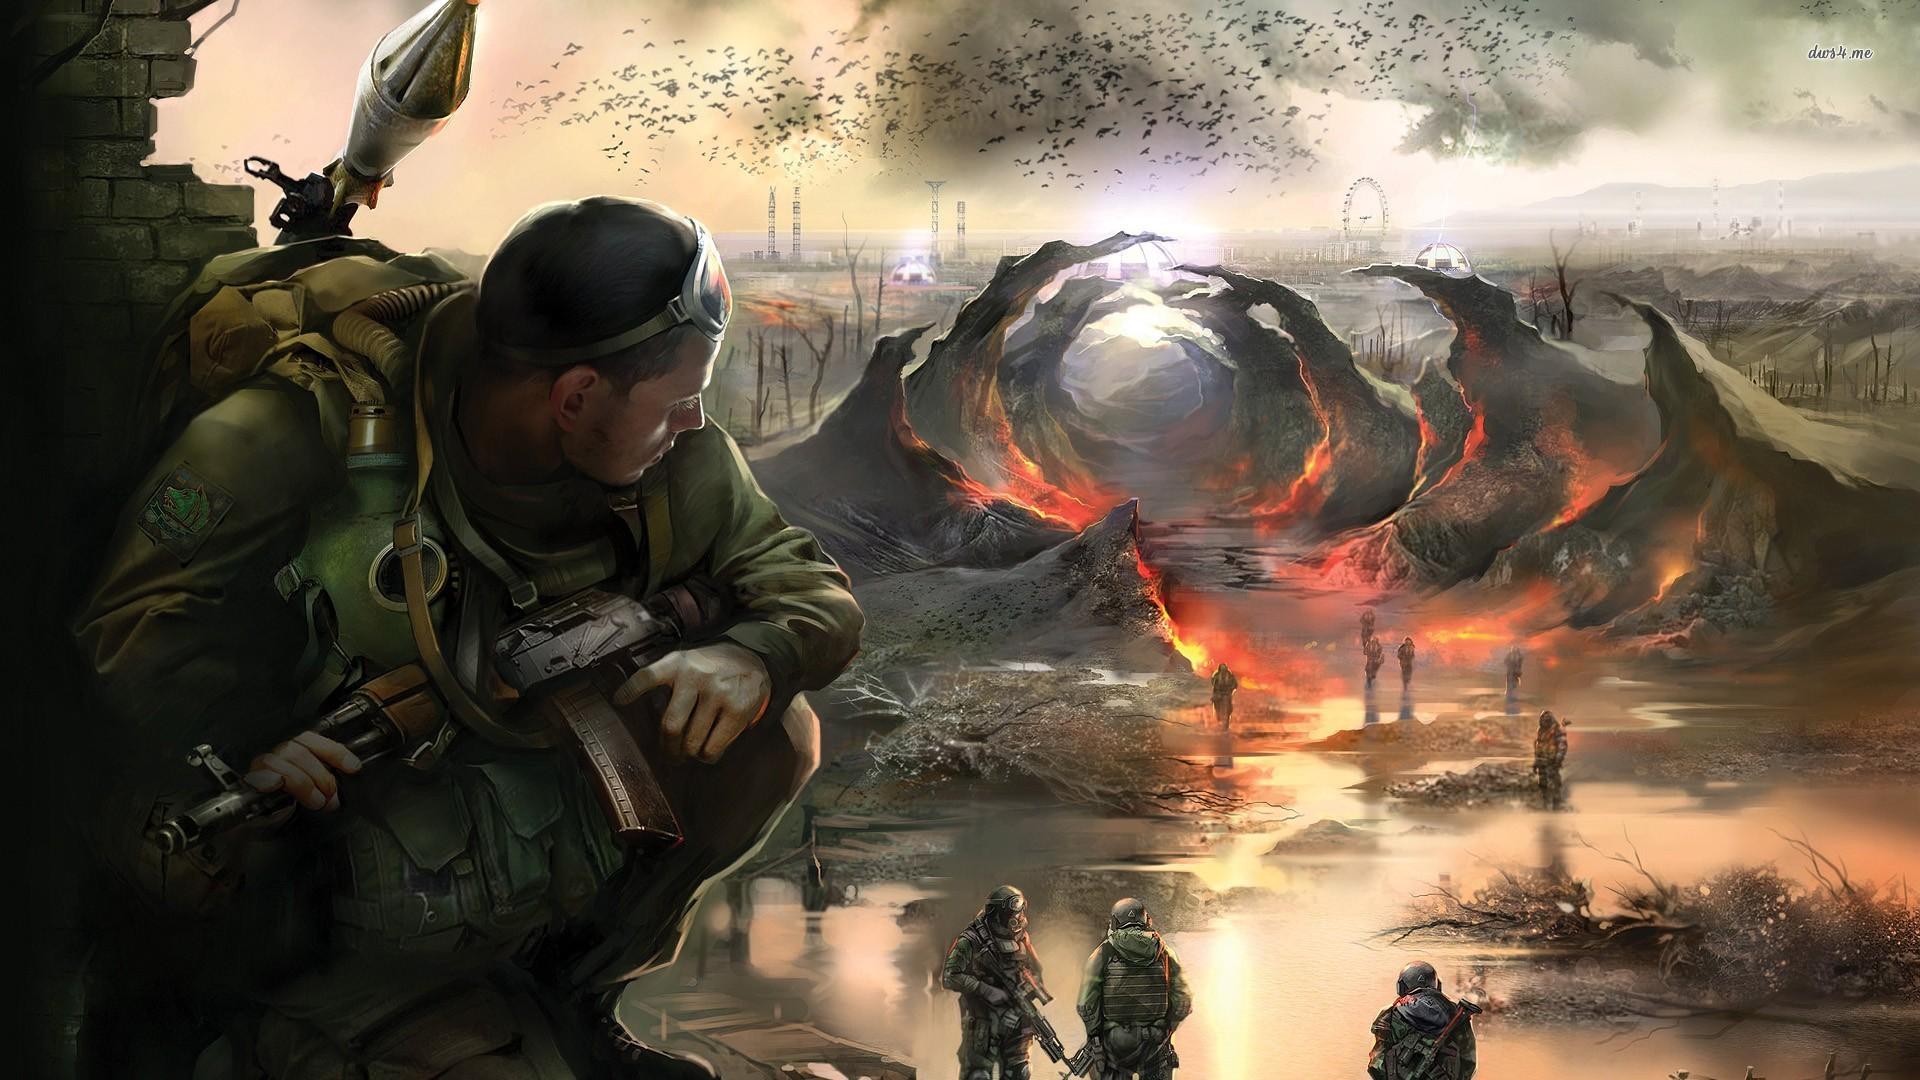 Stalker Shadow Of Chernobyl 2582411 Hd Wallpaper